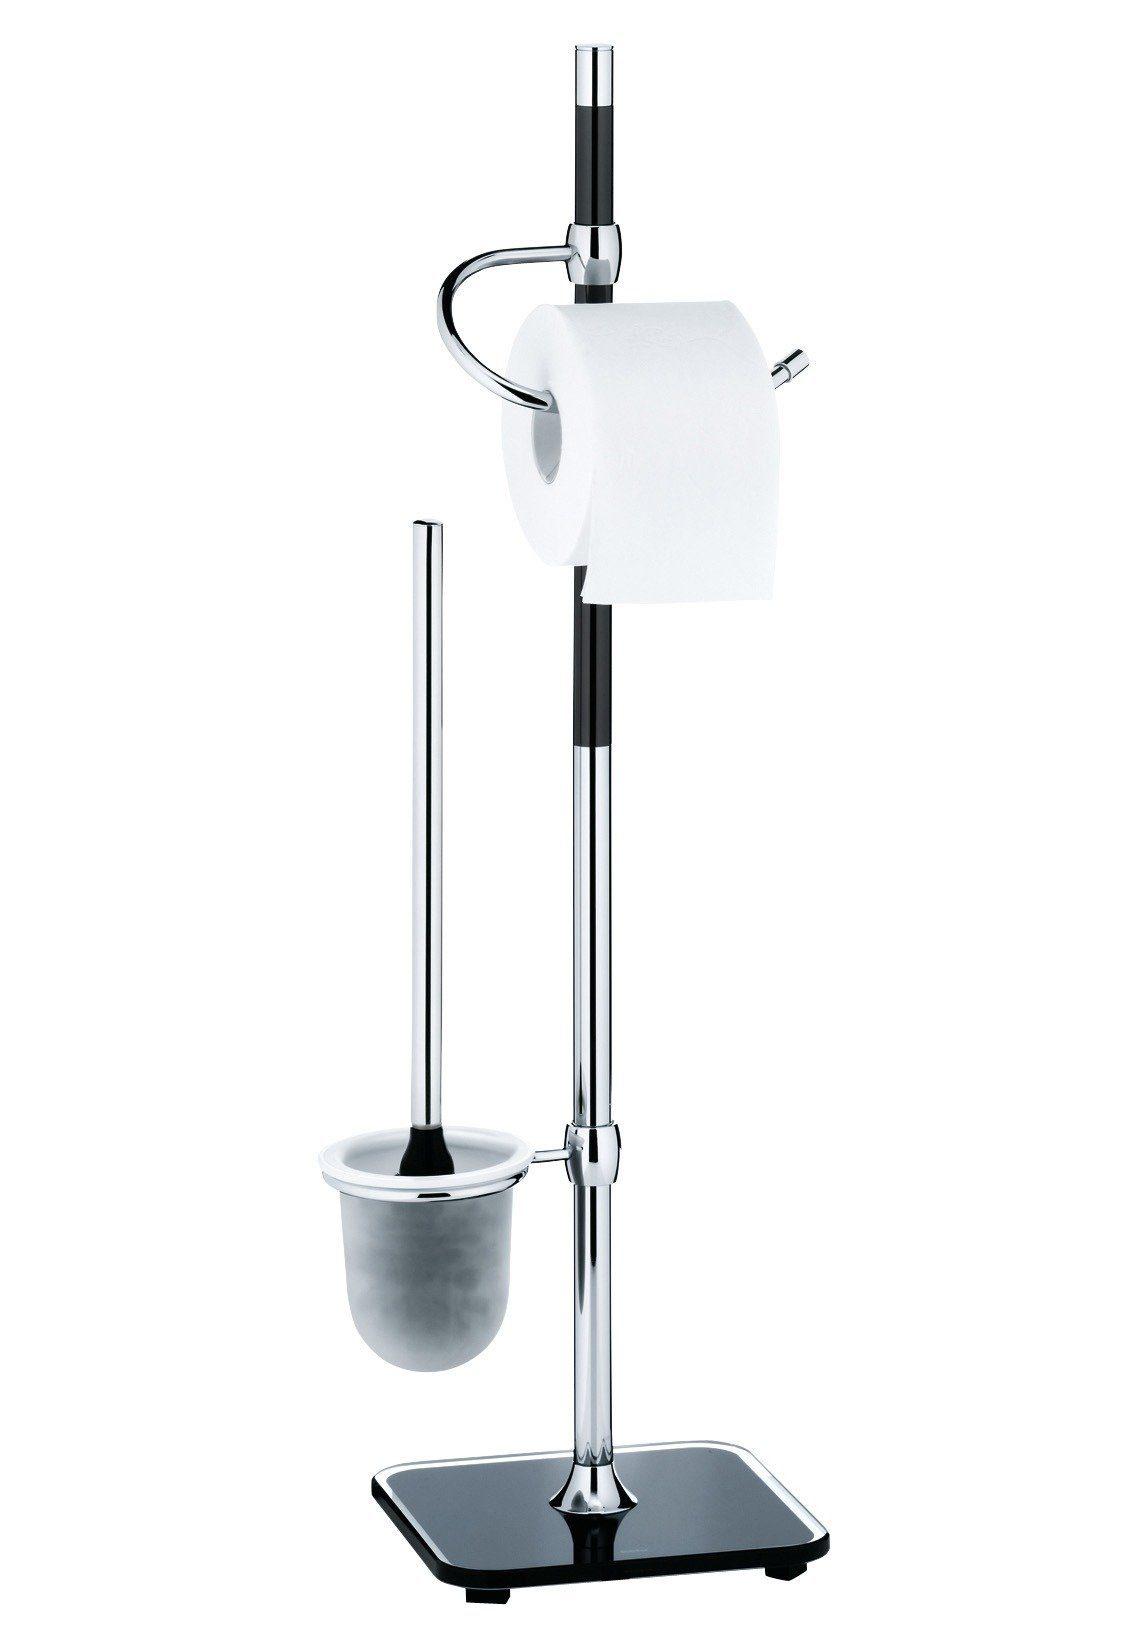 WC-Garnitur »Biago«